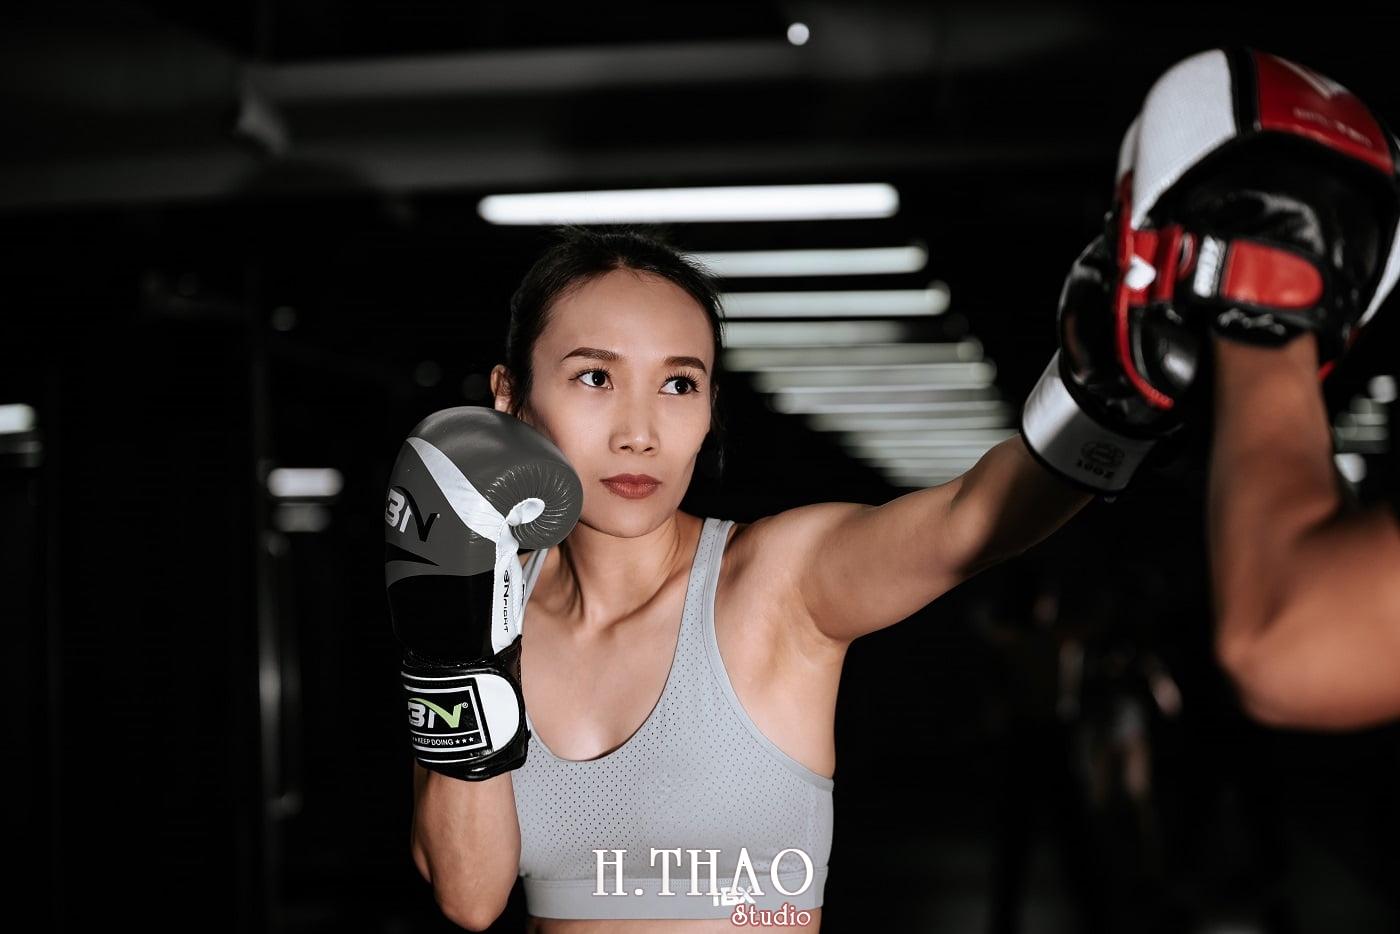 Anh chi Ngoc 32 min - Góc ảnh cô gái mạnh mẽ yêu thích Boxing – HThao Studio